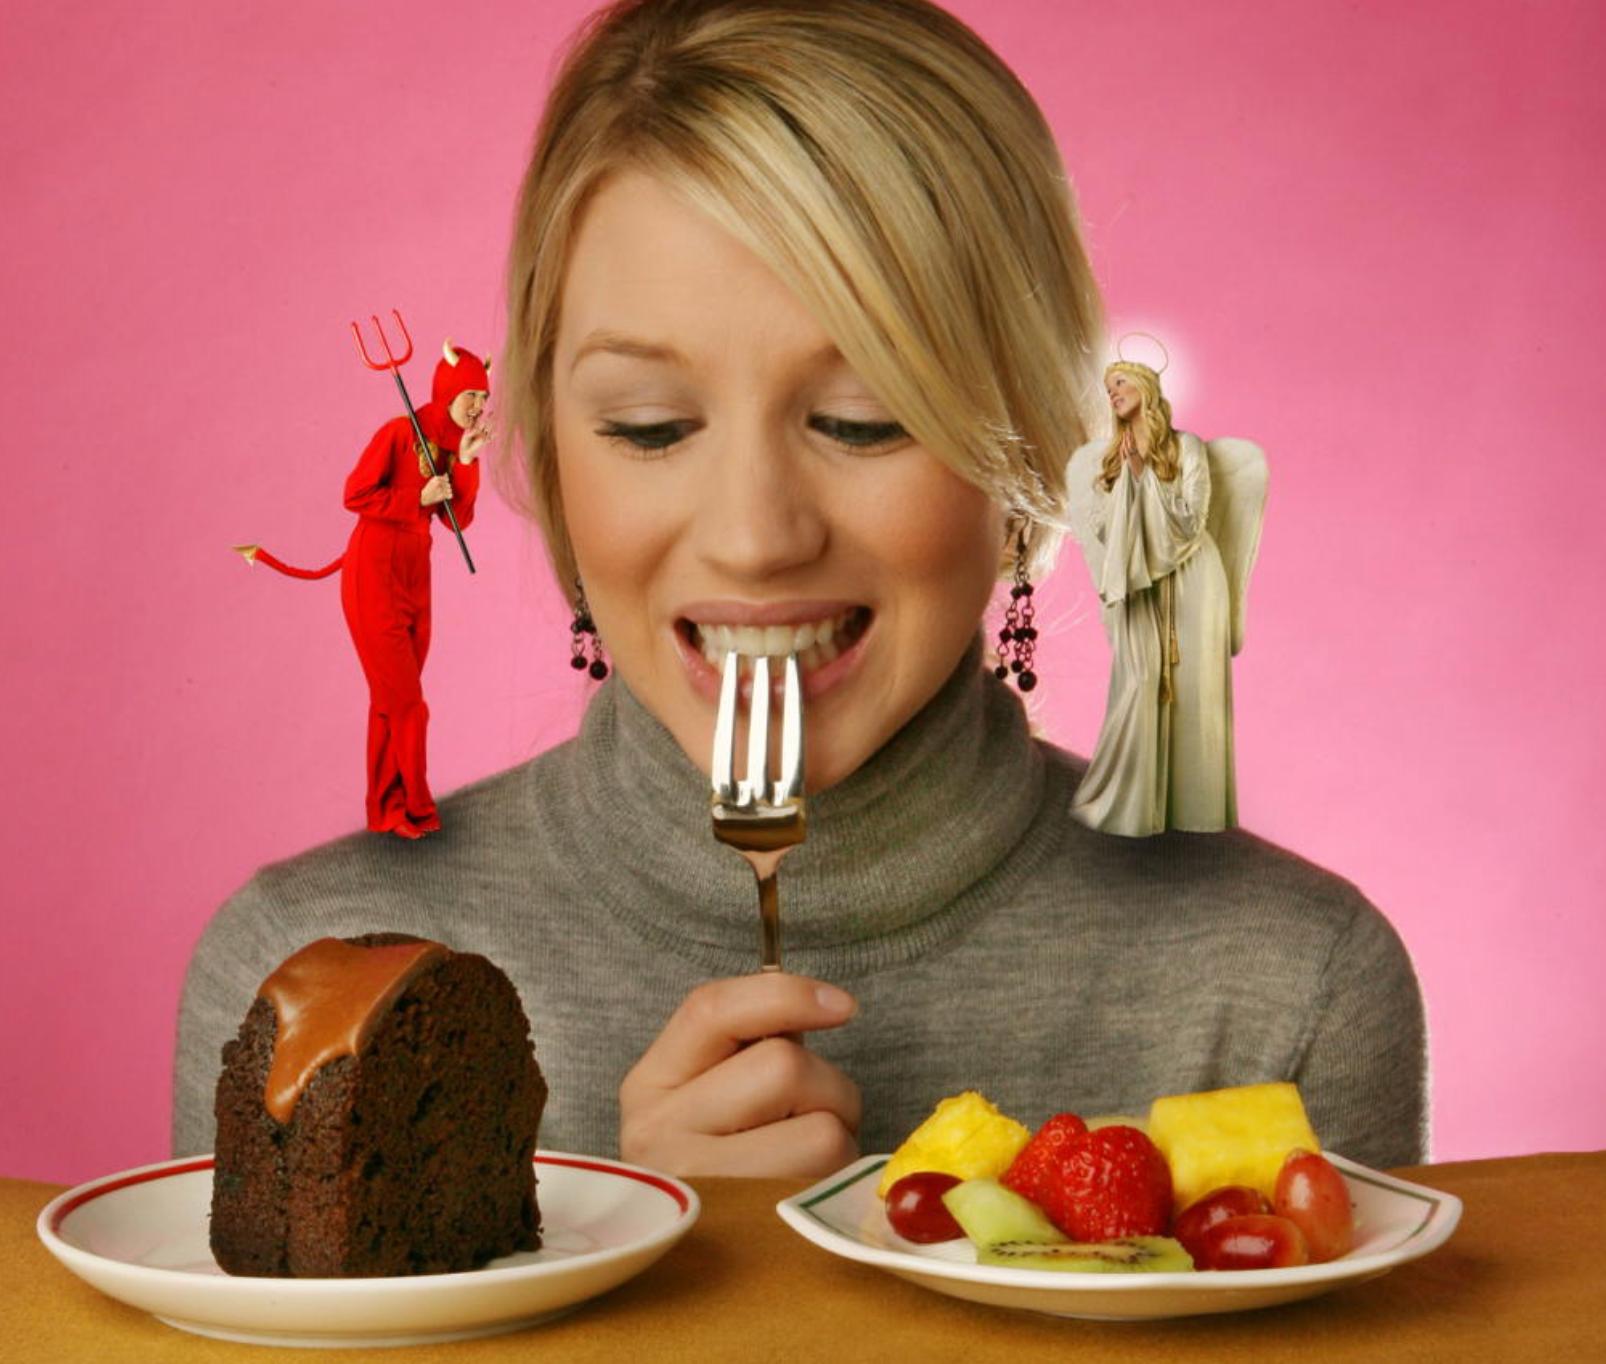 Тест отношения к приёму пищи